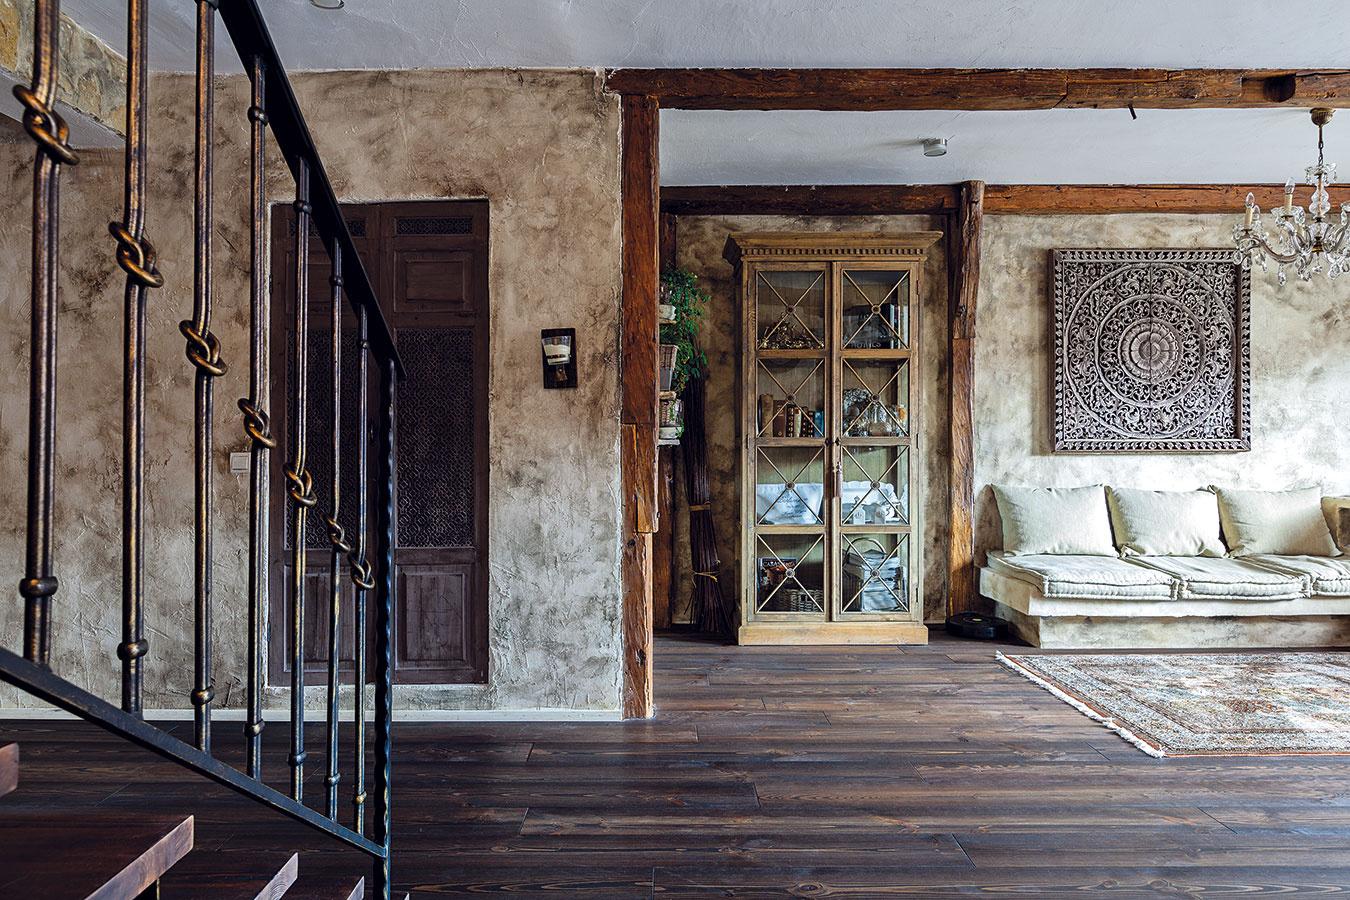 Zemitá farebnosť podčiarknutá netradičnou povrchovou úpravou stien dodáva priestoru špecifický charakter. Oproti schodisku sa nachádza priestranný šatník. Vcelom byte sa použili drevené podlahy.